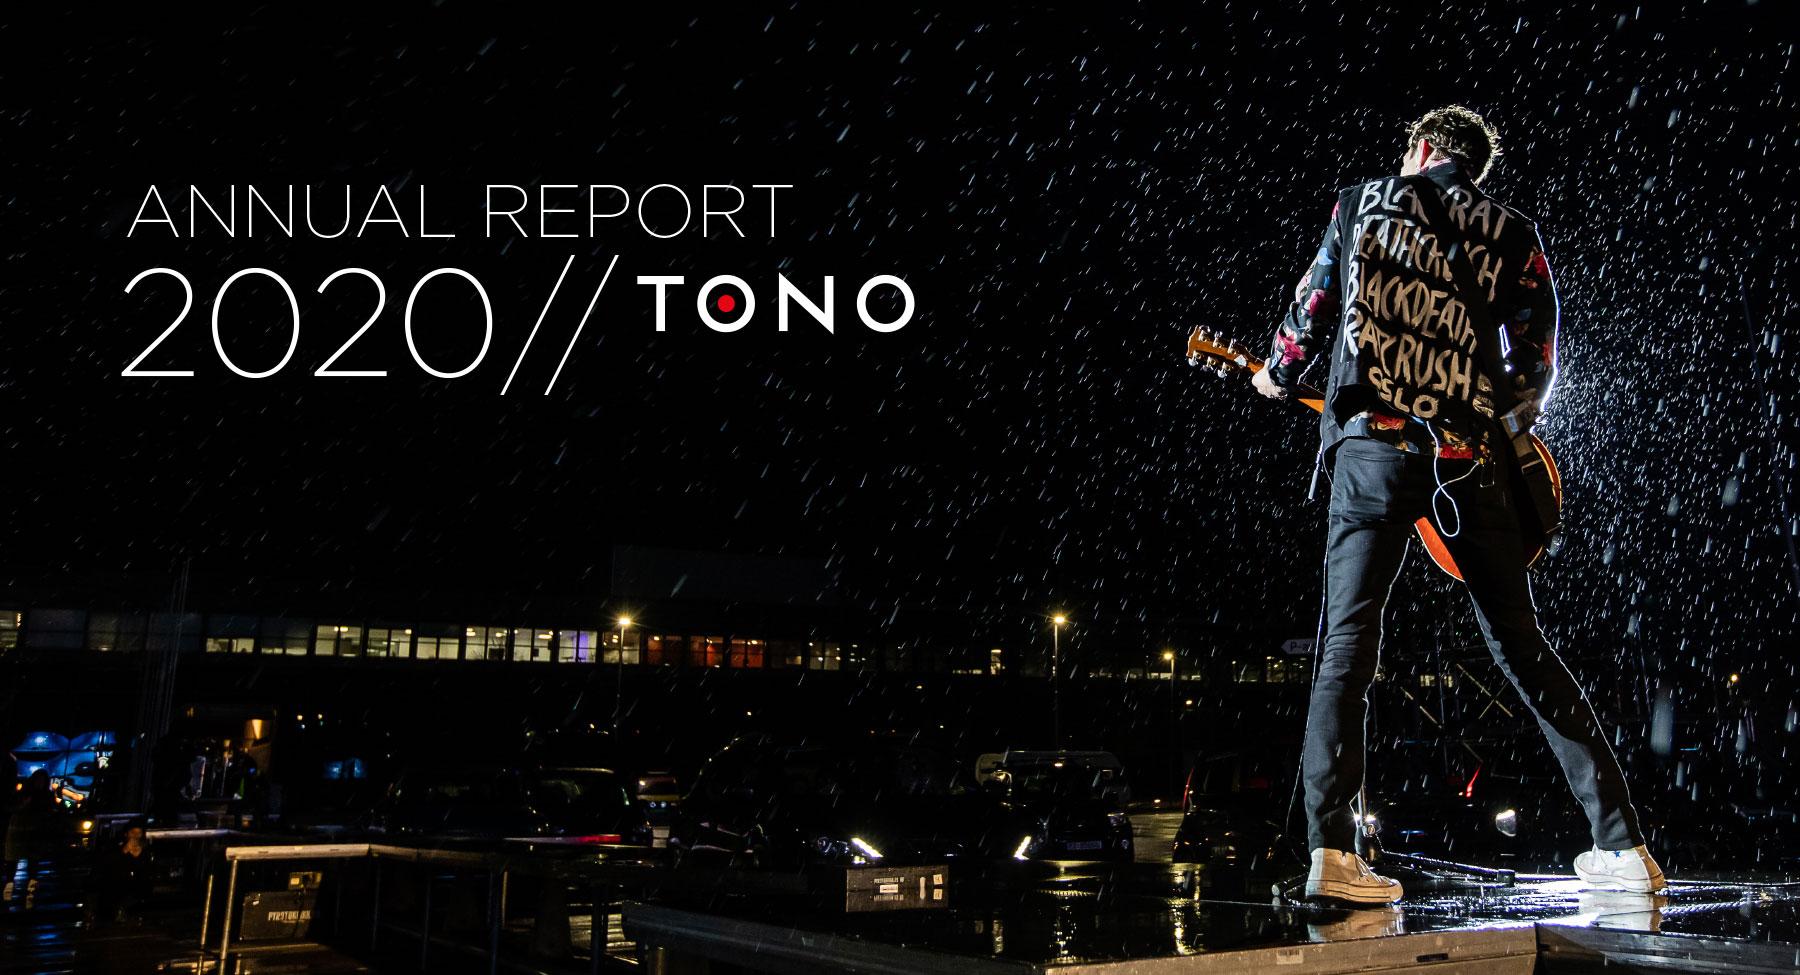 Consert outdoor, guitarist in the rain